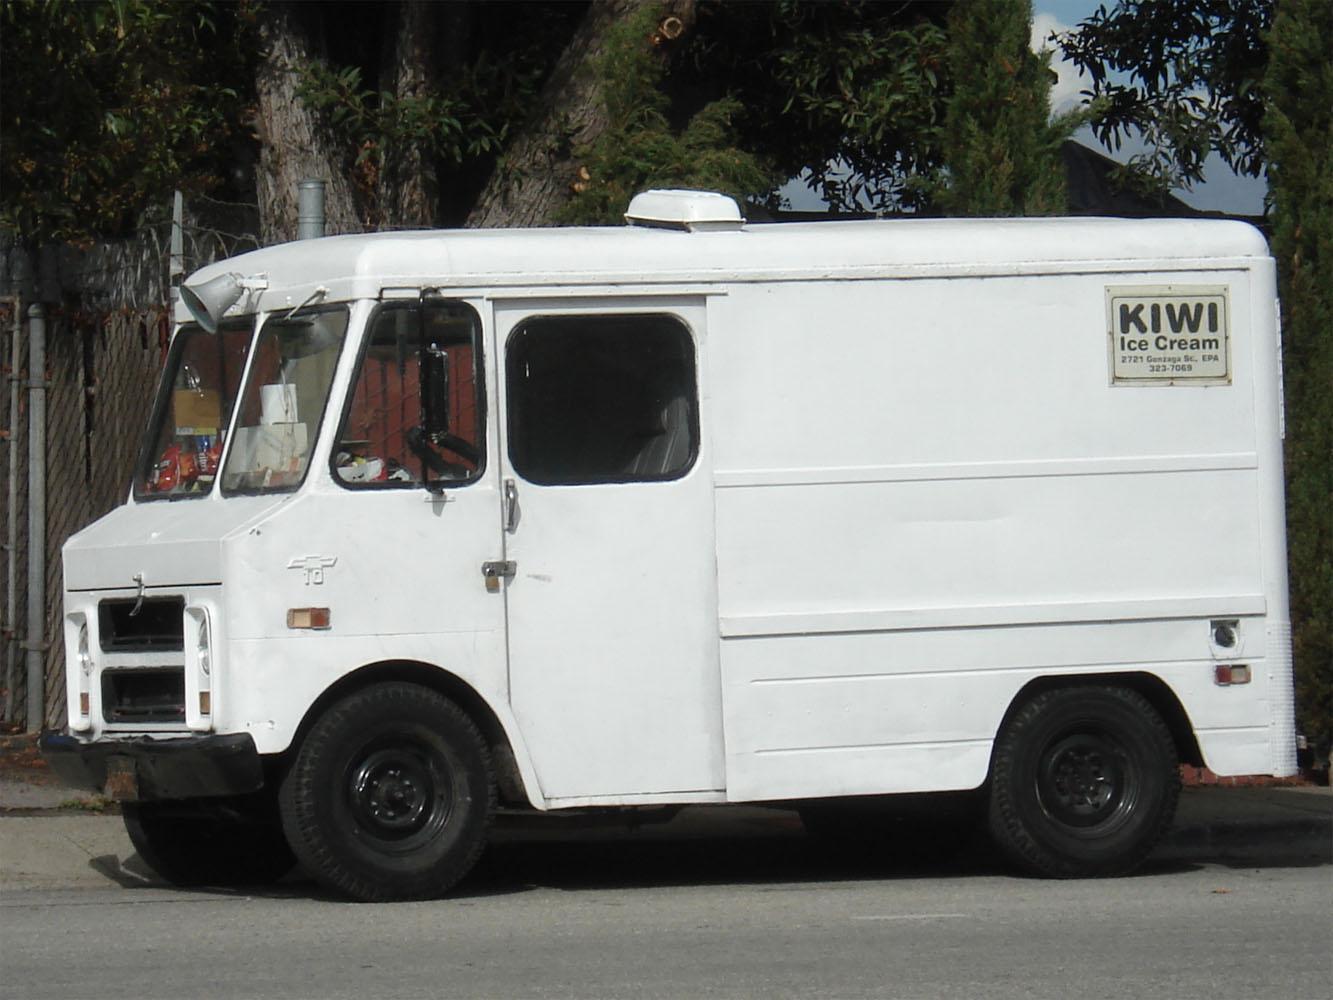 Фургон Chevrolet. East Palo Alto, California, USA